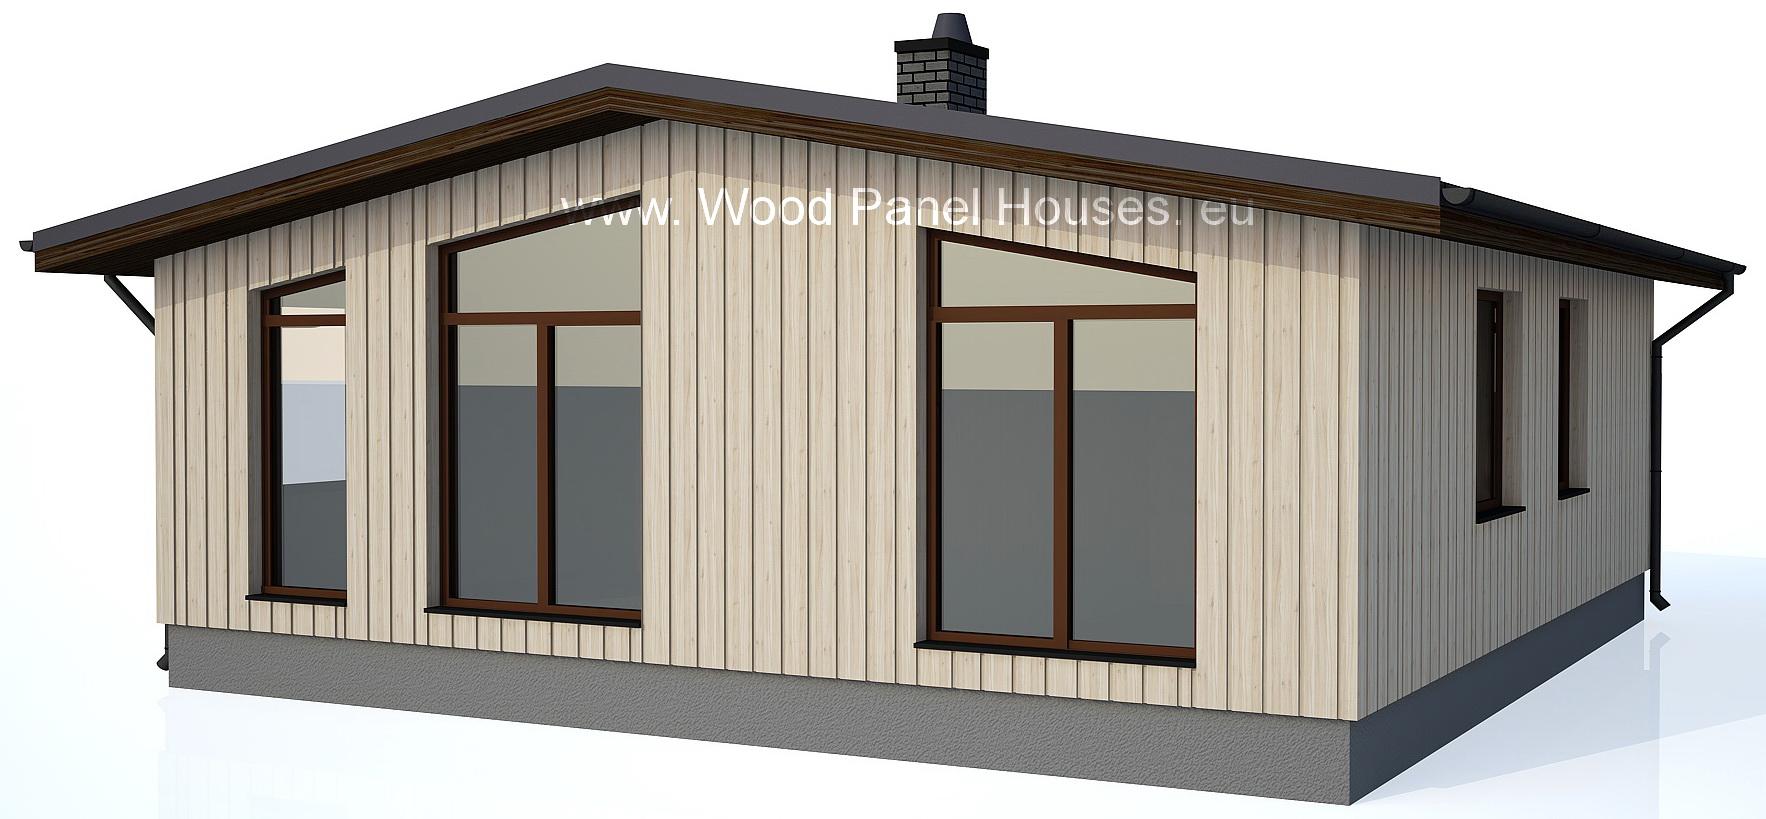 Koka paneļu mājas